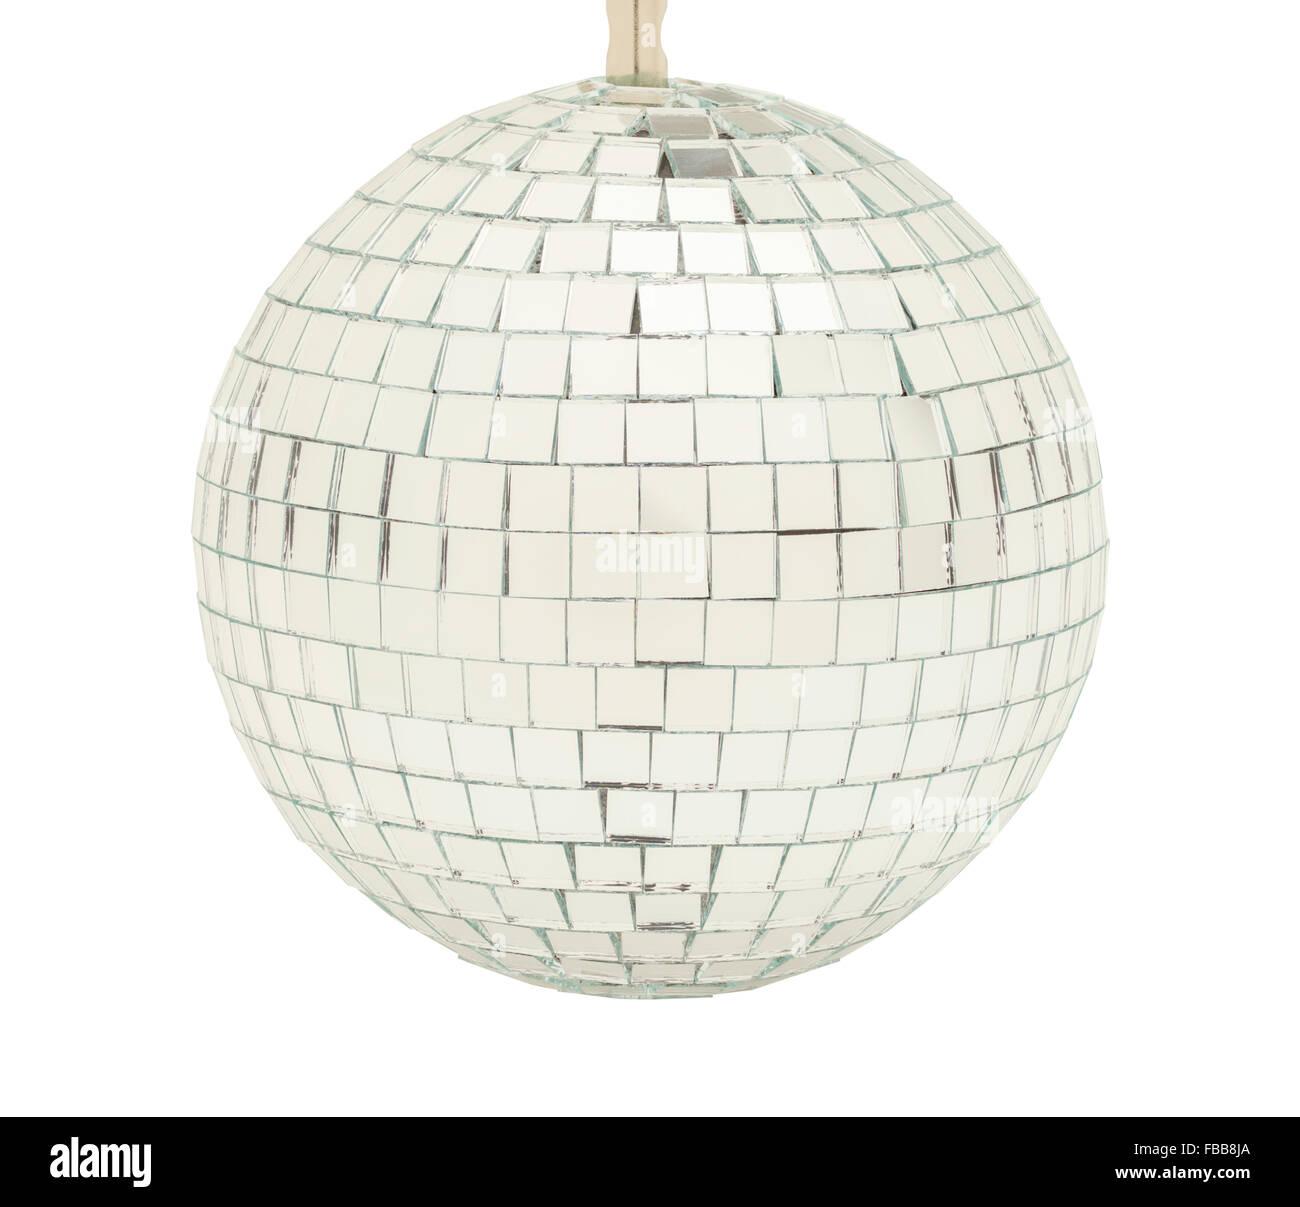 Partito in vetro palla da discoteca isolato su sfondo bianco. Immagini Stock